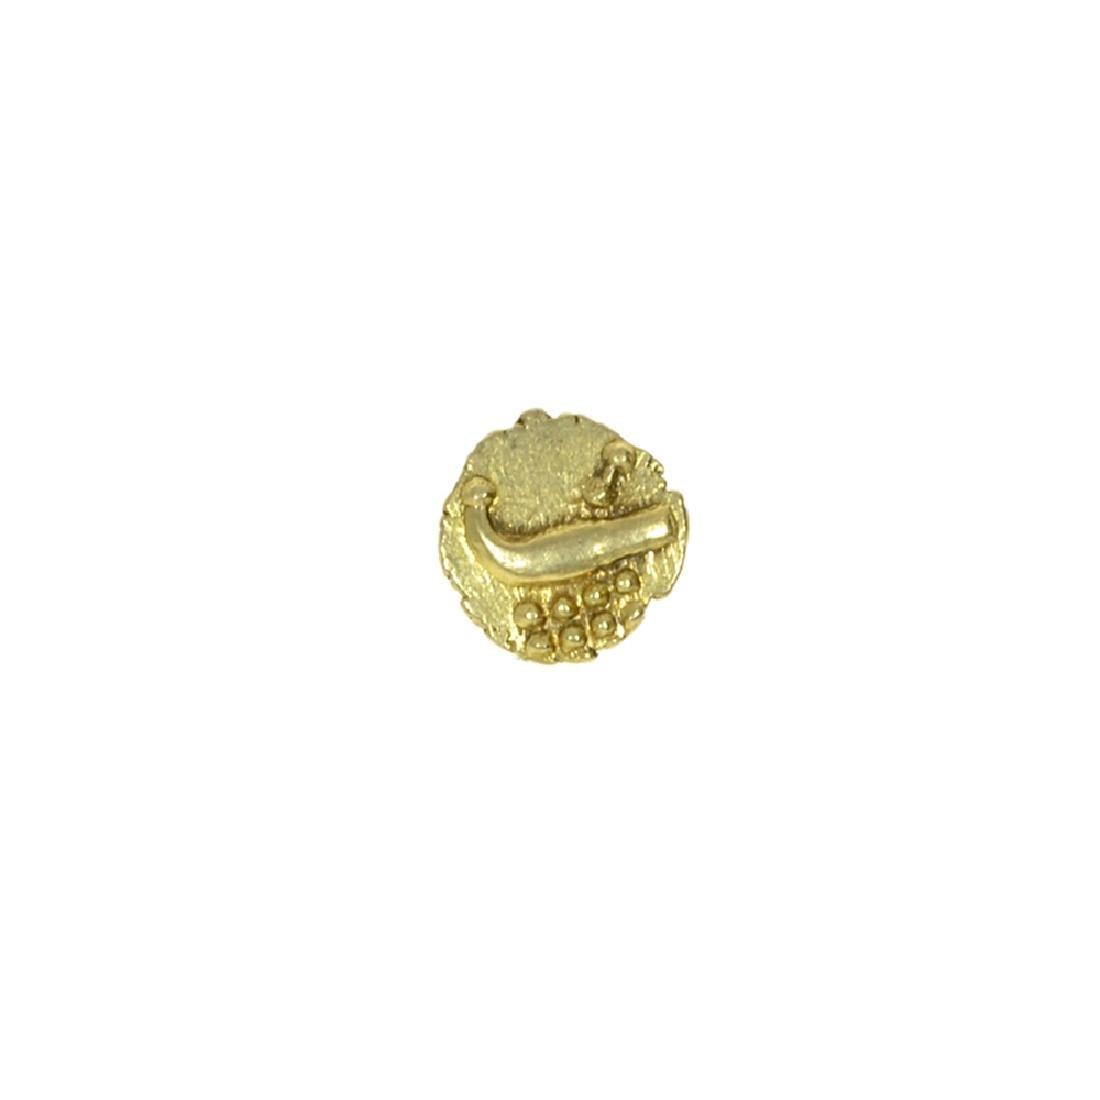 1760-1834 South India ''Vira Raya'' Fanam Coin